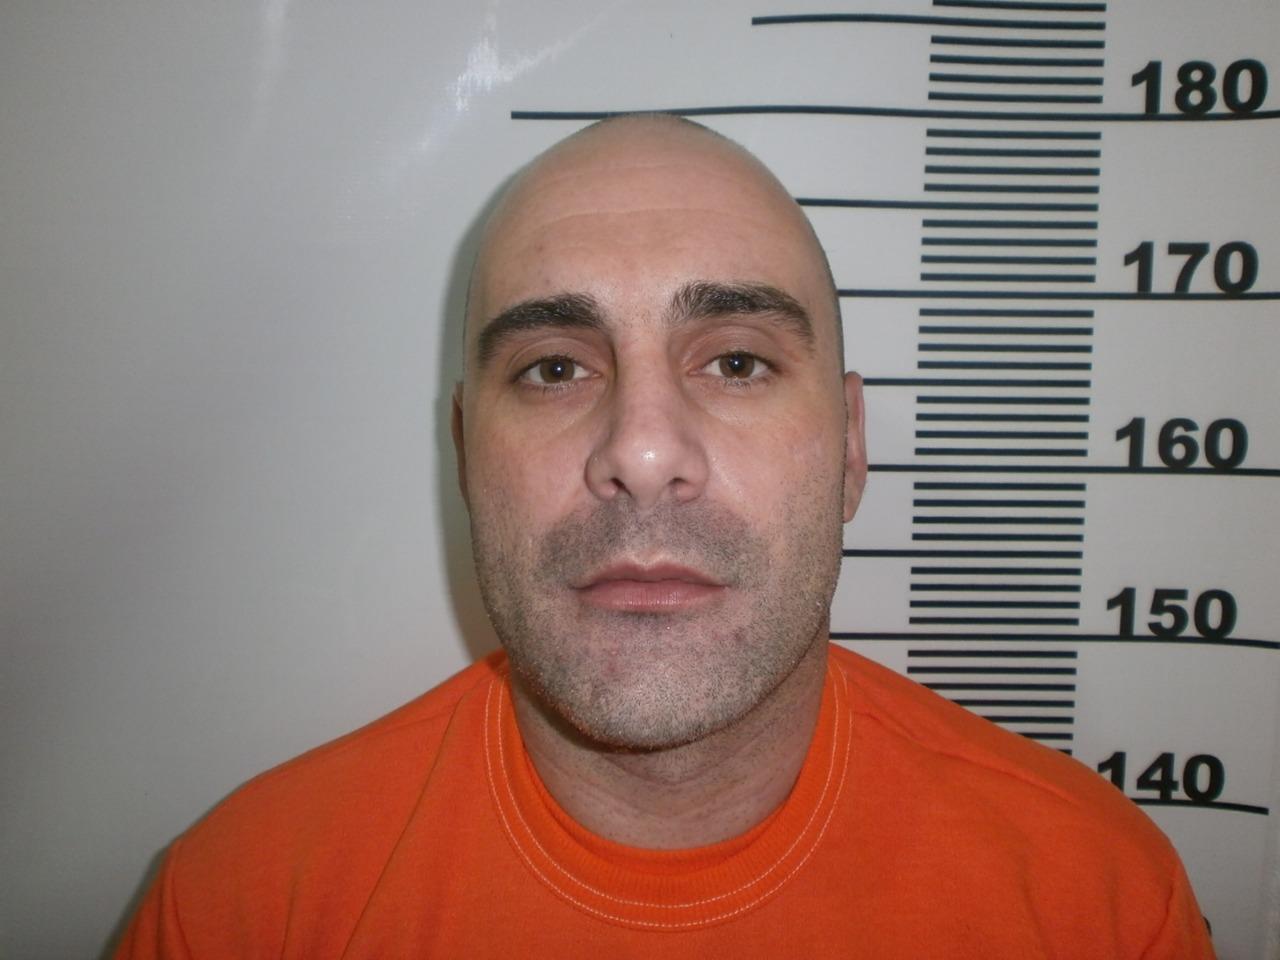 Condenado por atropelamento de policial é procurado pela polícia